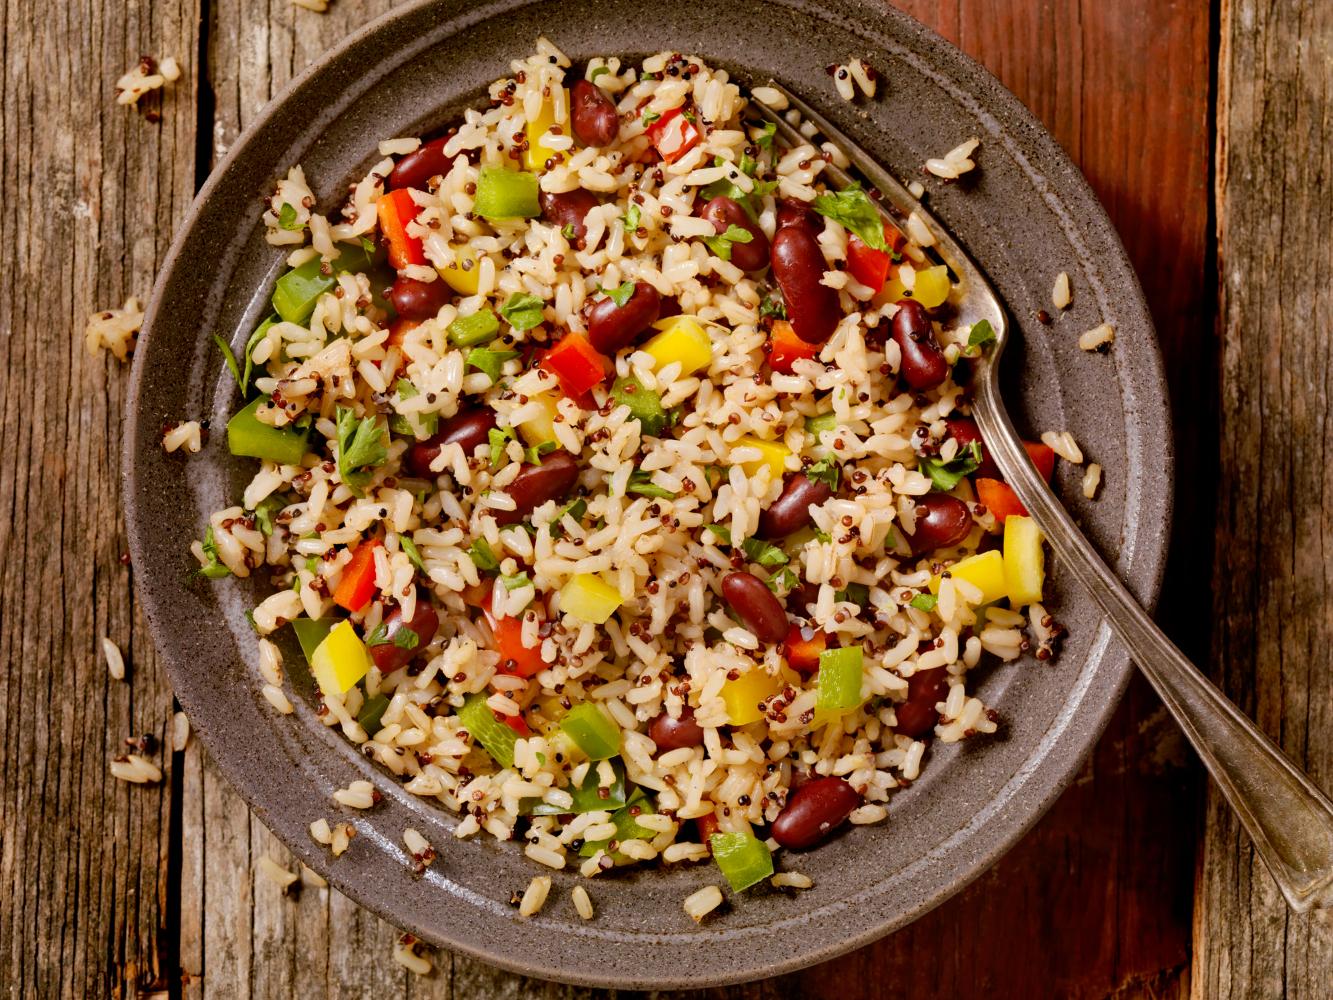 arroz com feijão e pimentos